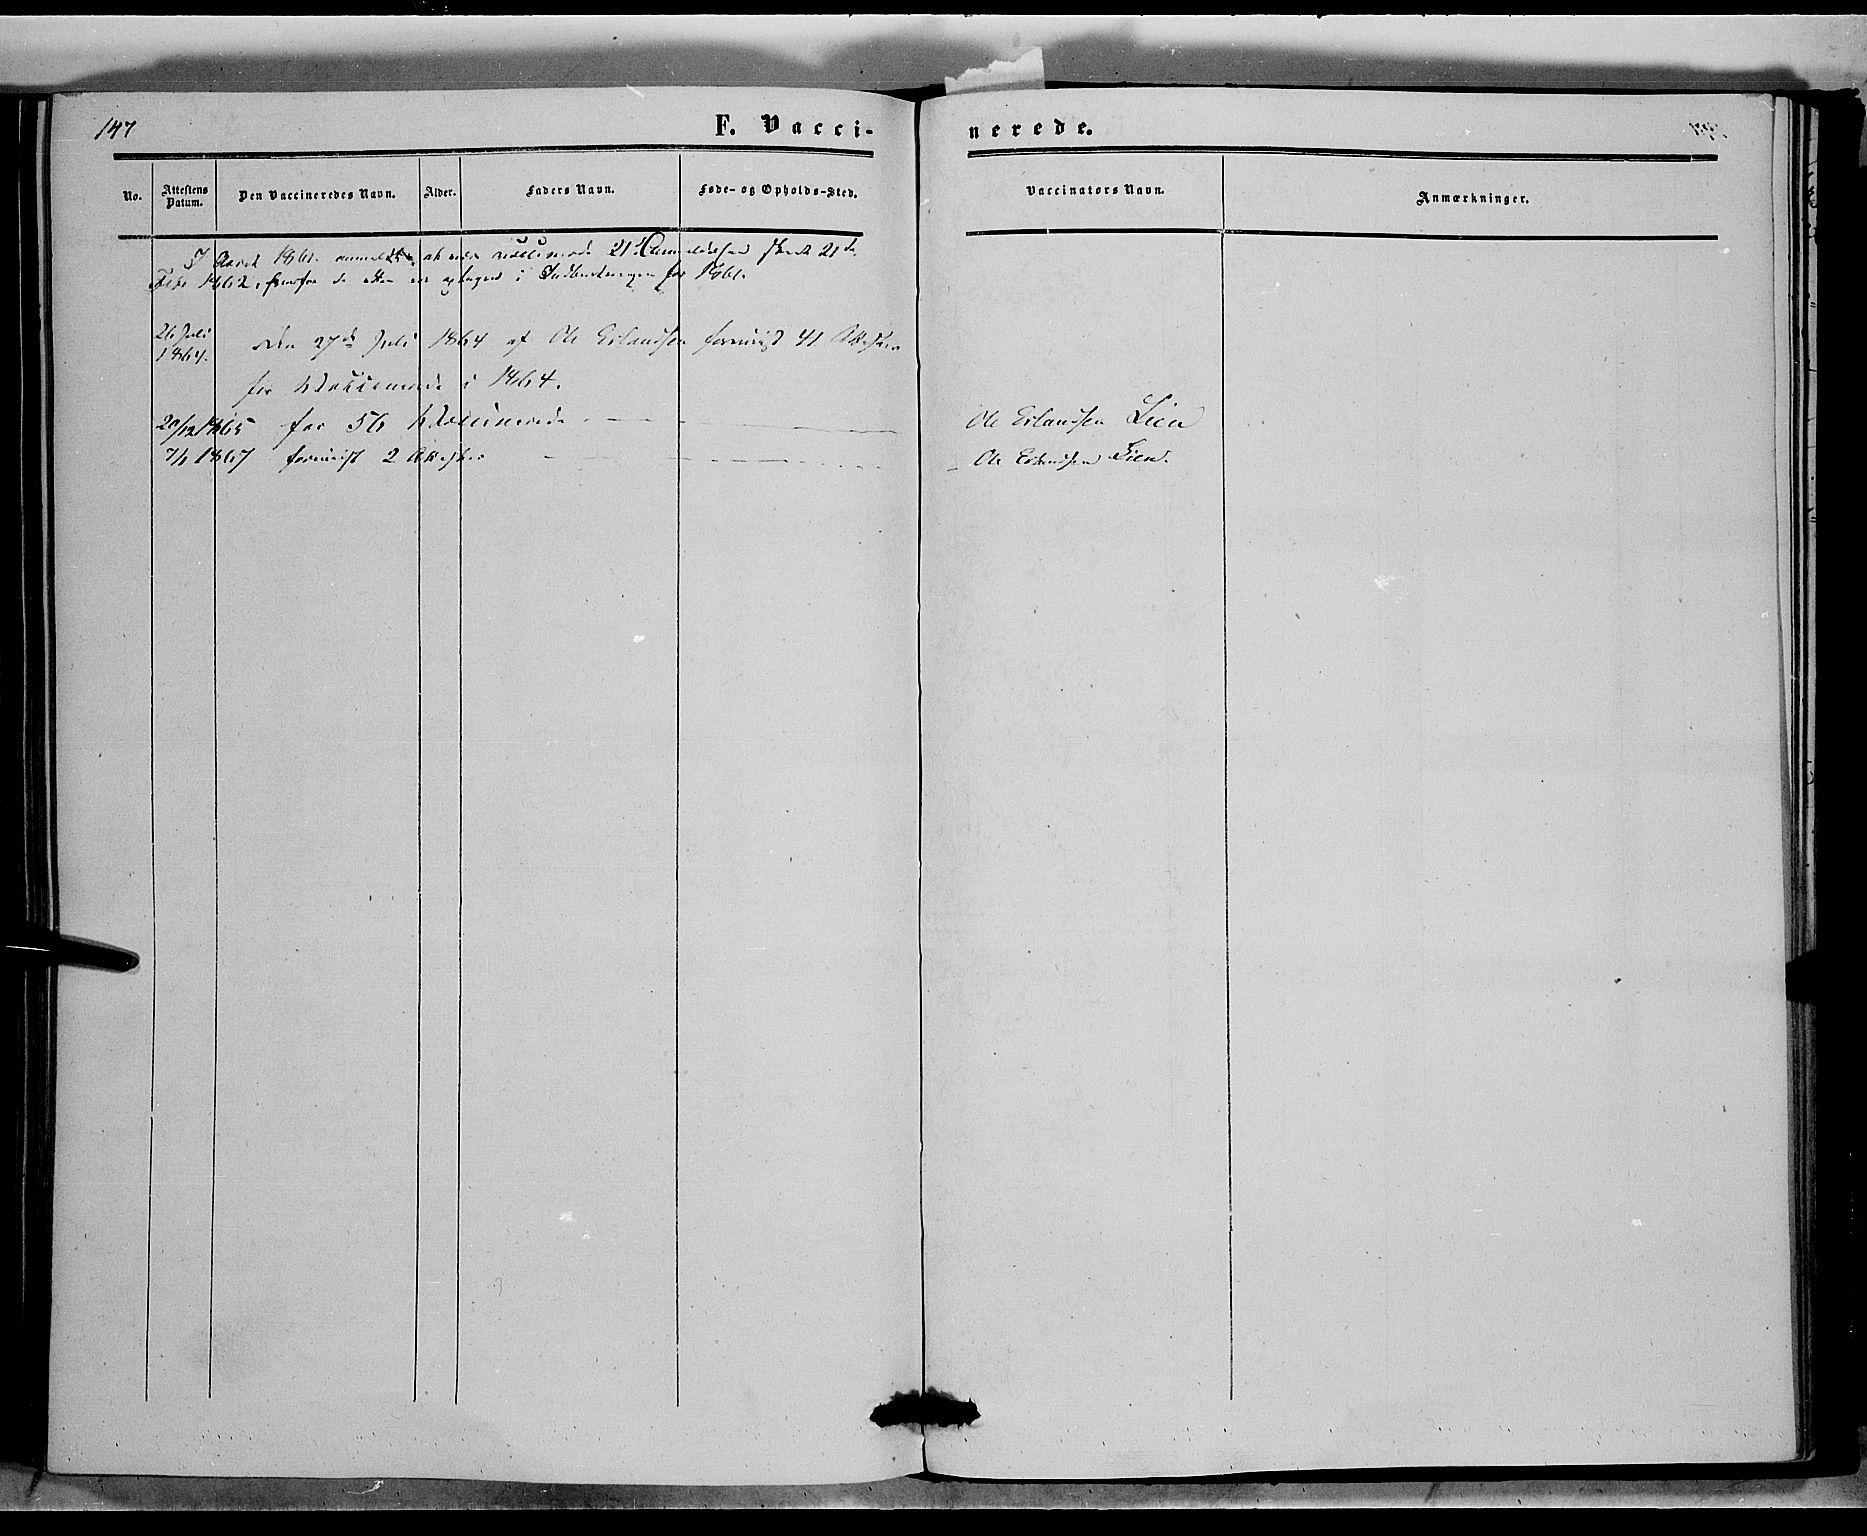 SAH, Sør-Aurdal prestekontor, Ministerialbok nr. 6, 1849-1876, s. 147